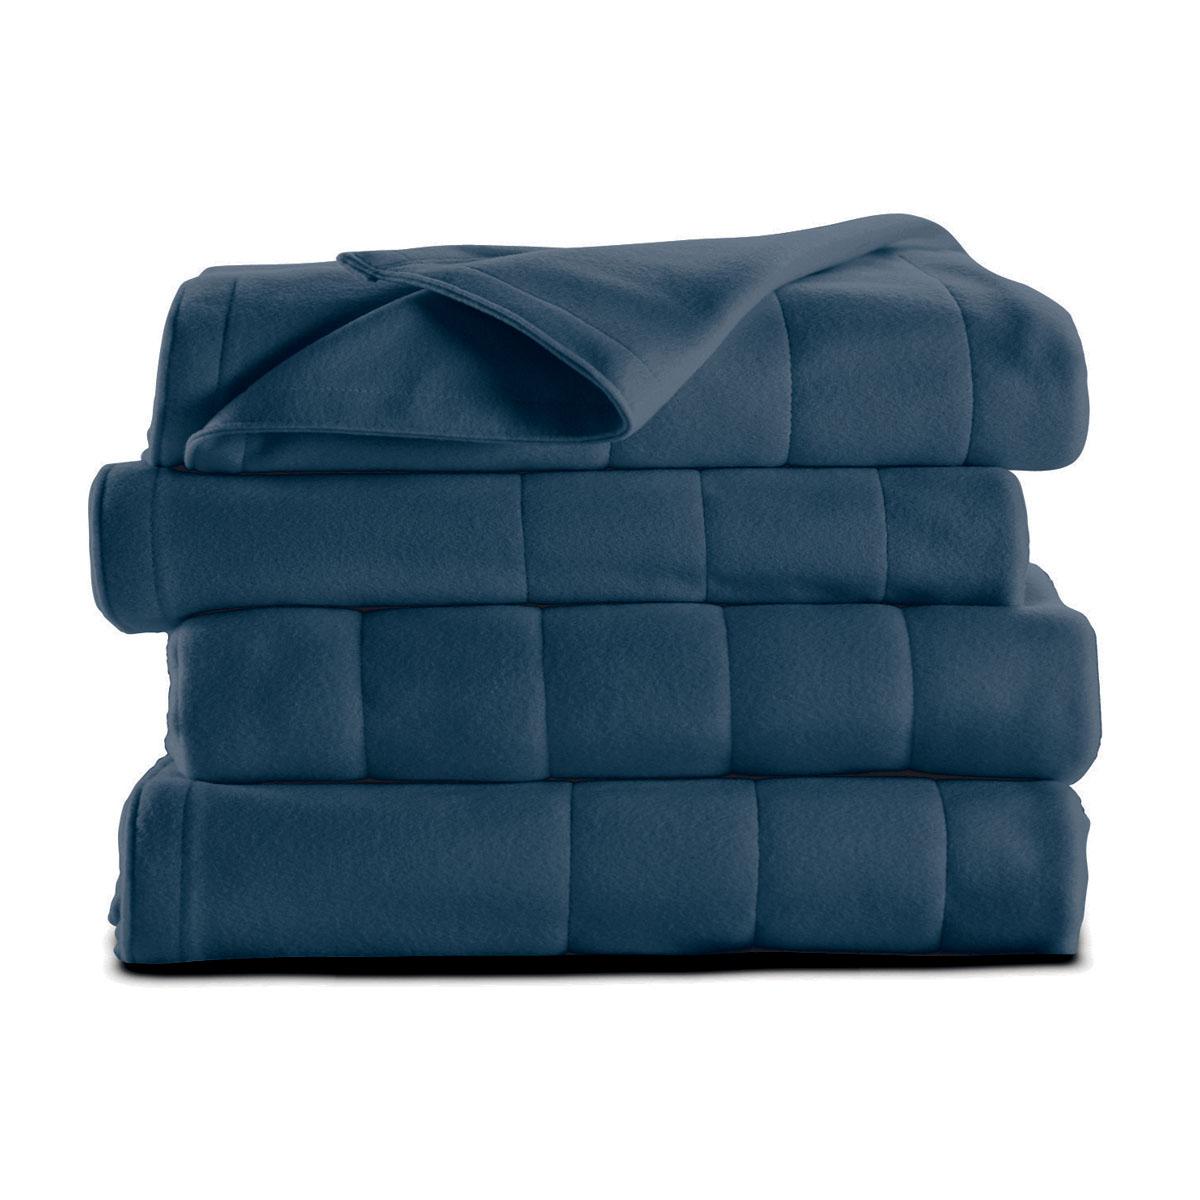 Sunbeam® Full/Queen Quilted Fleece Heated Blanket, Majolica Blue